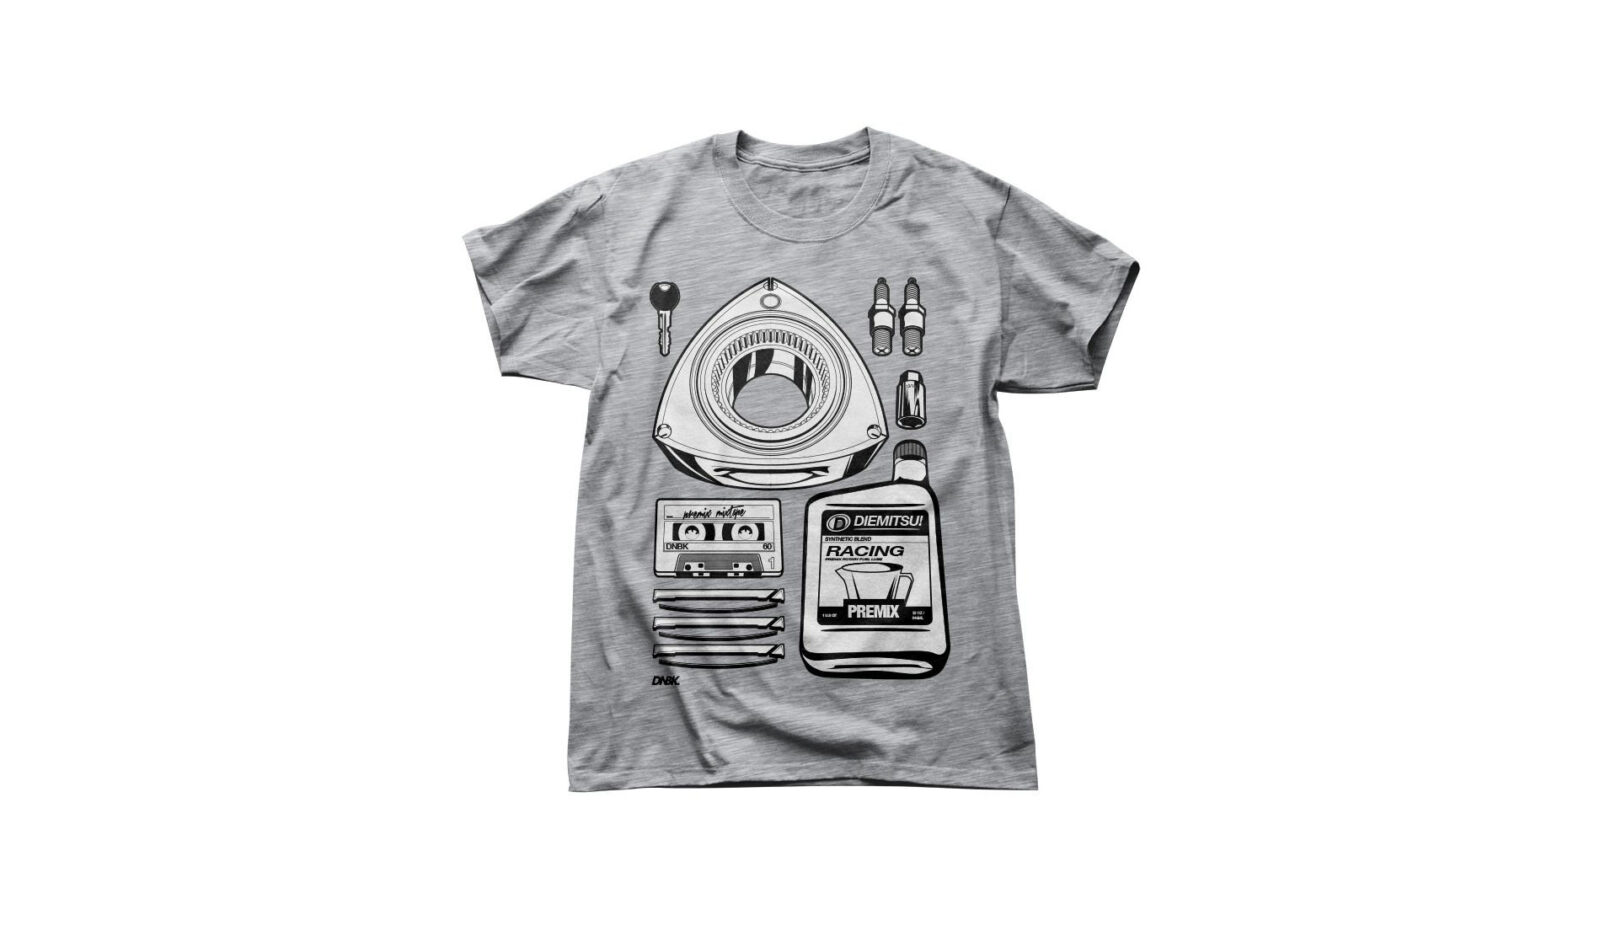 Rotary Life Shirt DNBK 1600x926 - Rotary Life Shirt